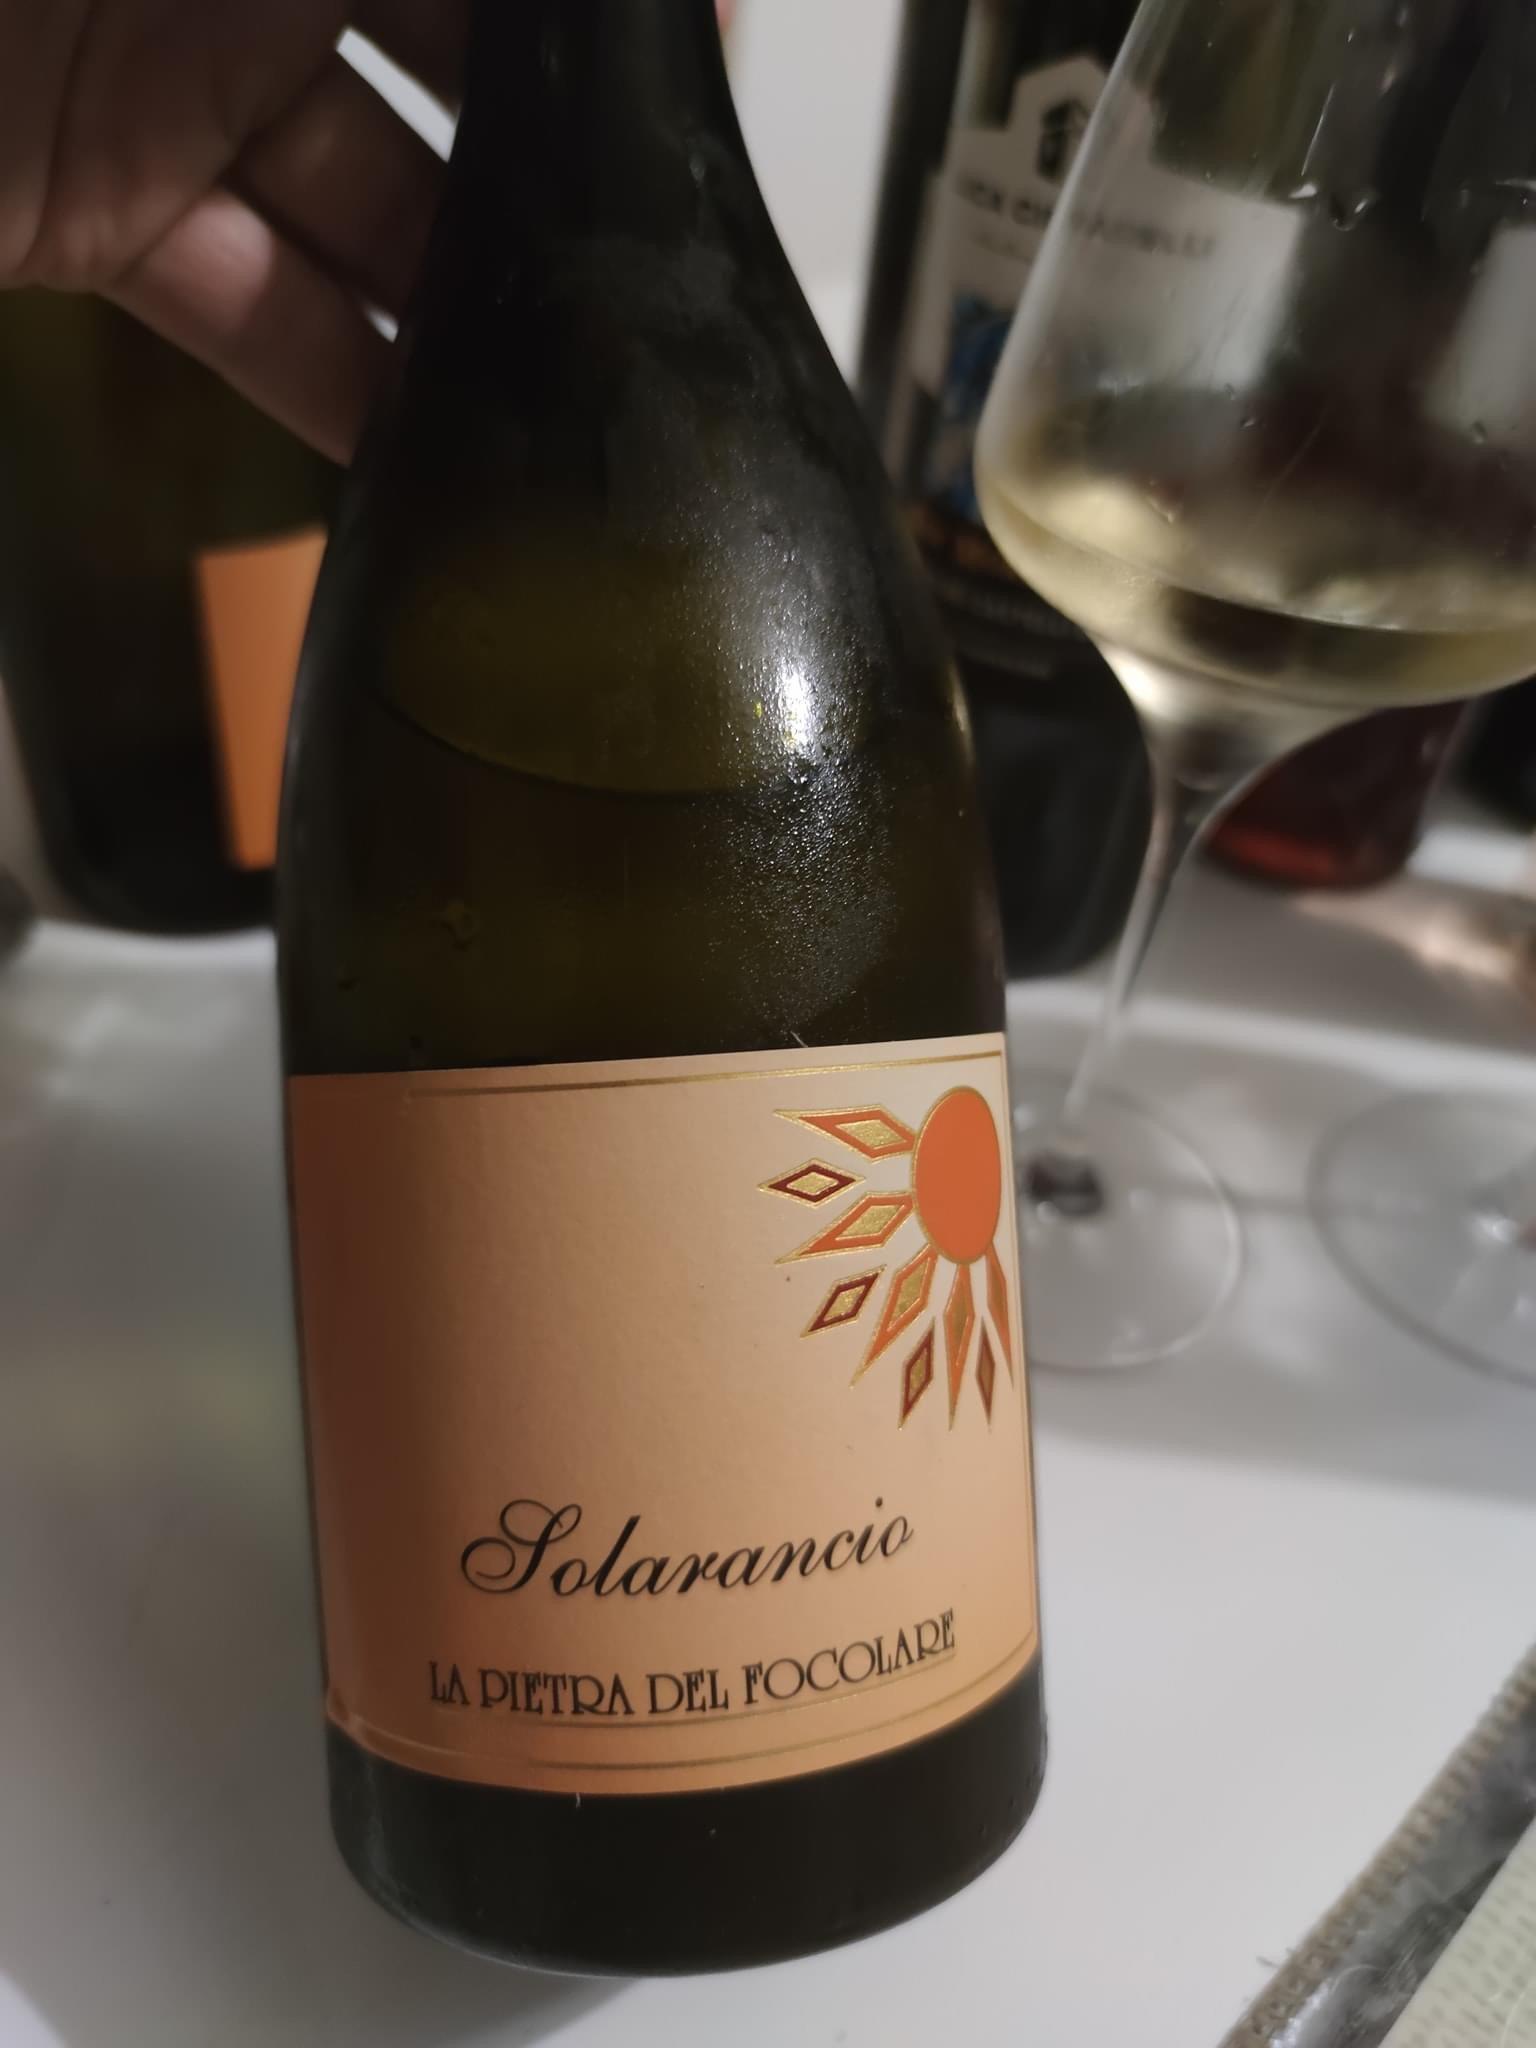 solarancio-wine-vermentino-2018